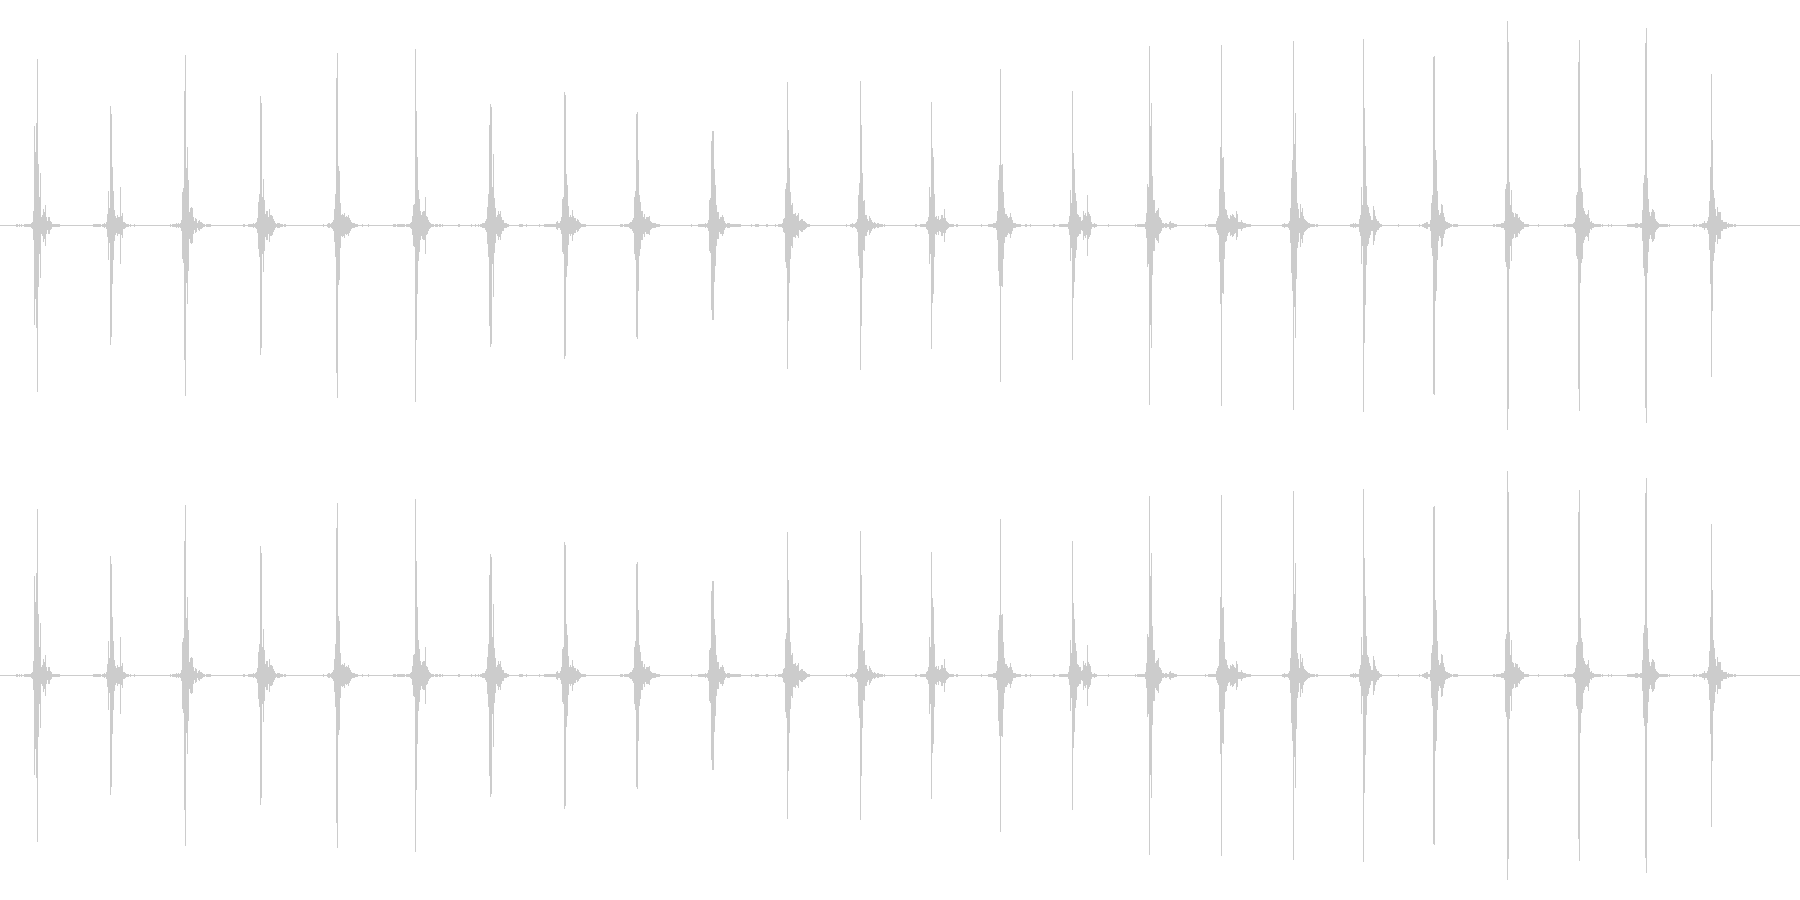 鳥 翼フラップ02の未再生の波形